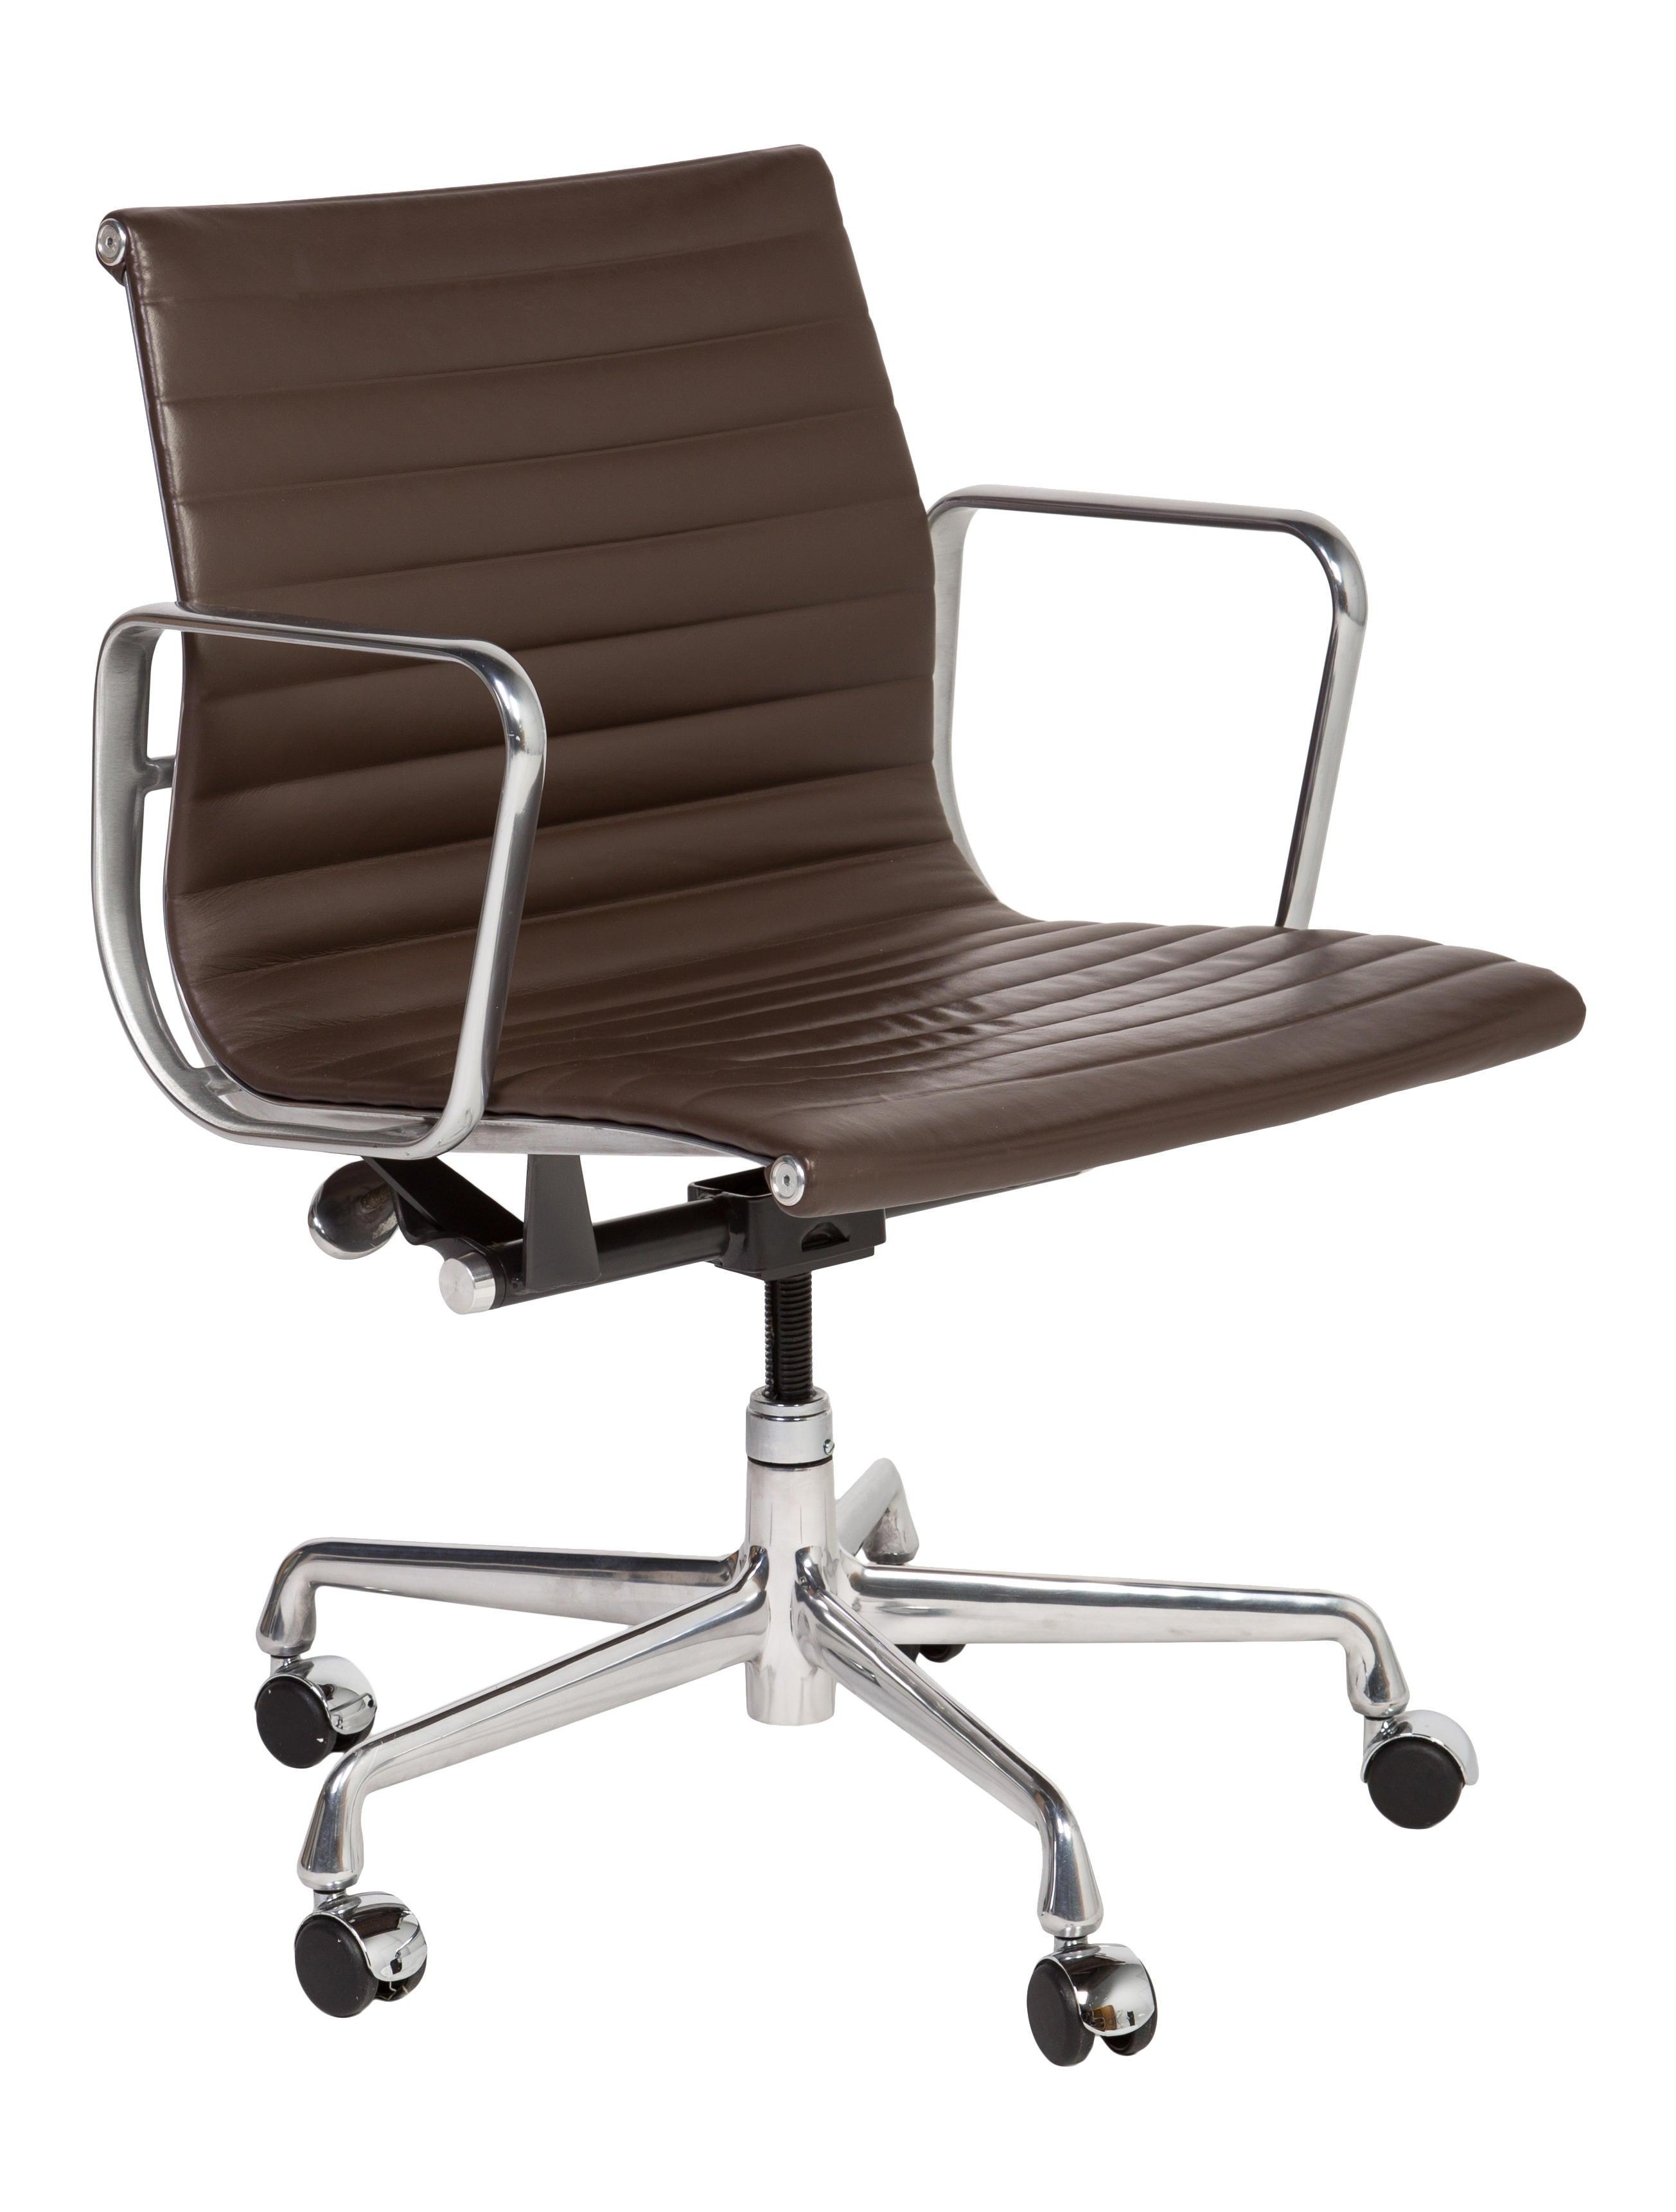 herman miller eames management desk chair furniture. Black Bedroom Furniture Sets. Home Design Ideas